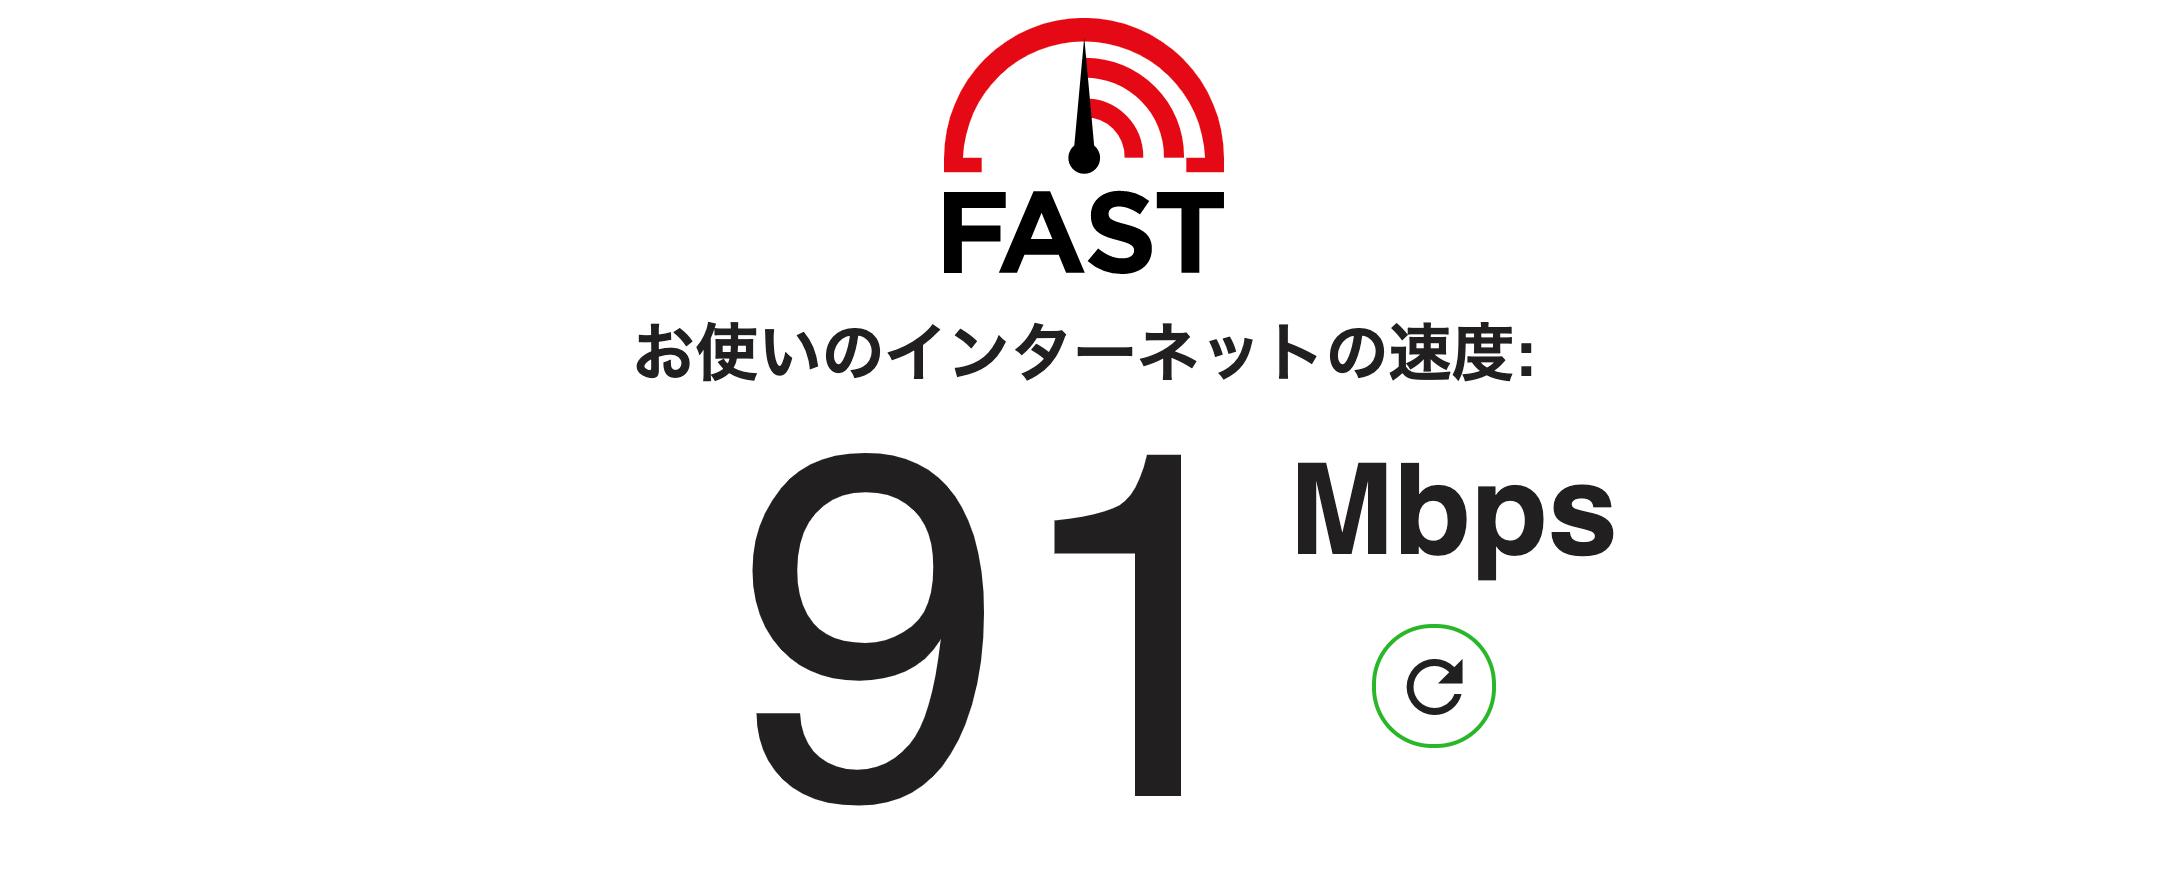 80〜90Mbpsくらい出ると超快適にプレイできる(1)